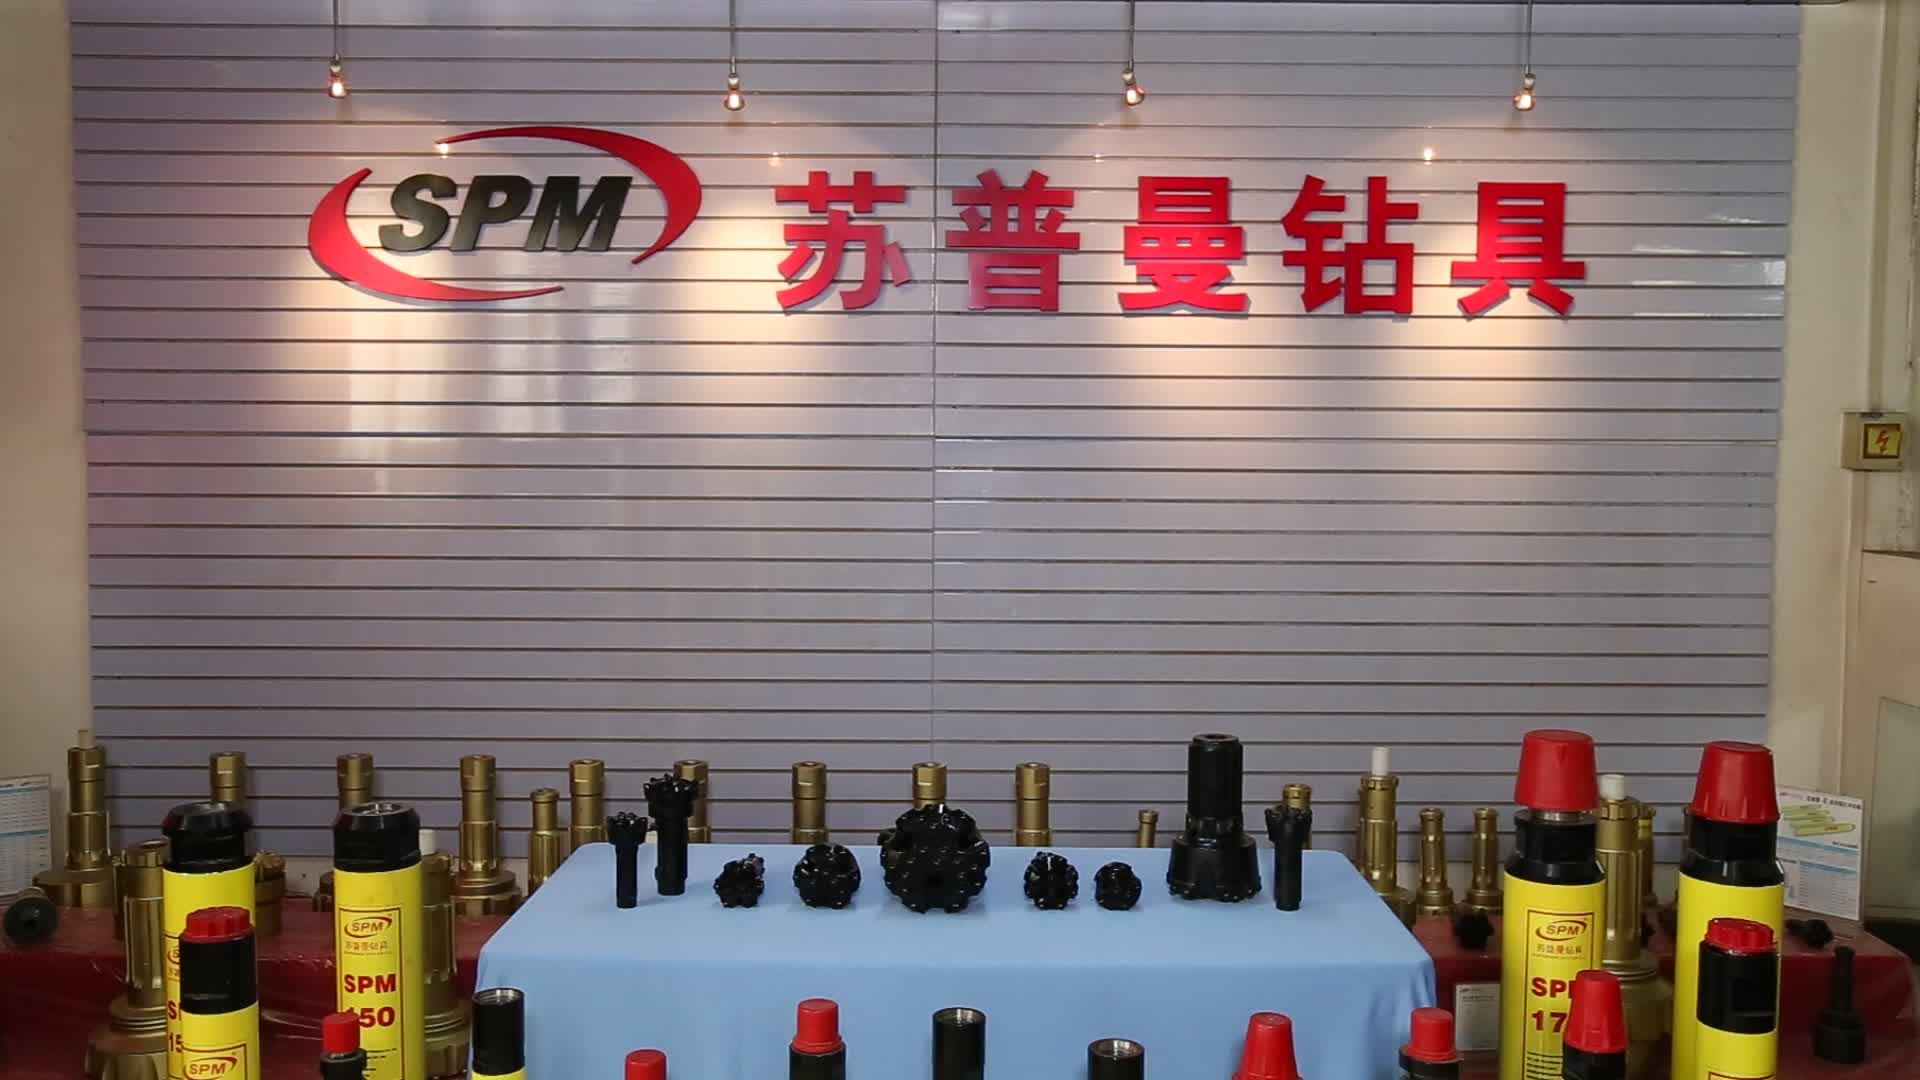 SPM110 CIR110 4 inch DTH Búa cứng carbide đá mỏ than nút khoan bit/khoan bit khoan giếng nước